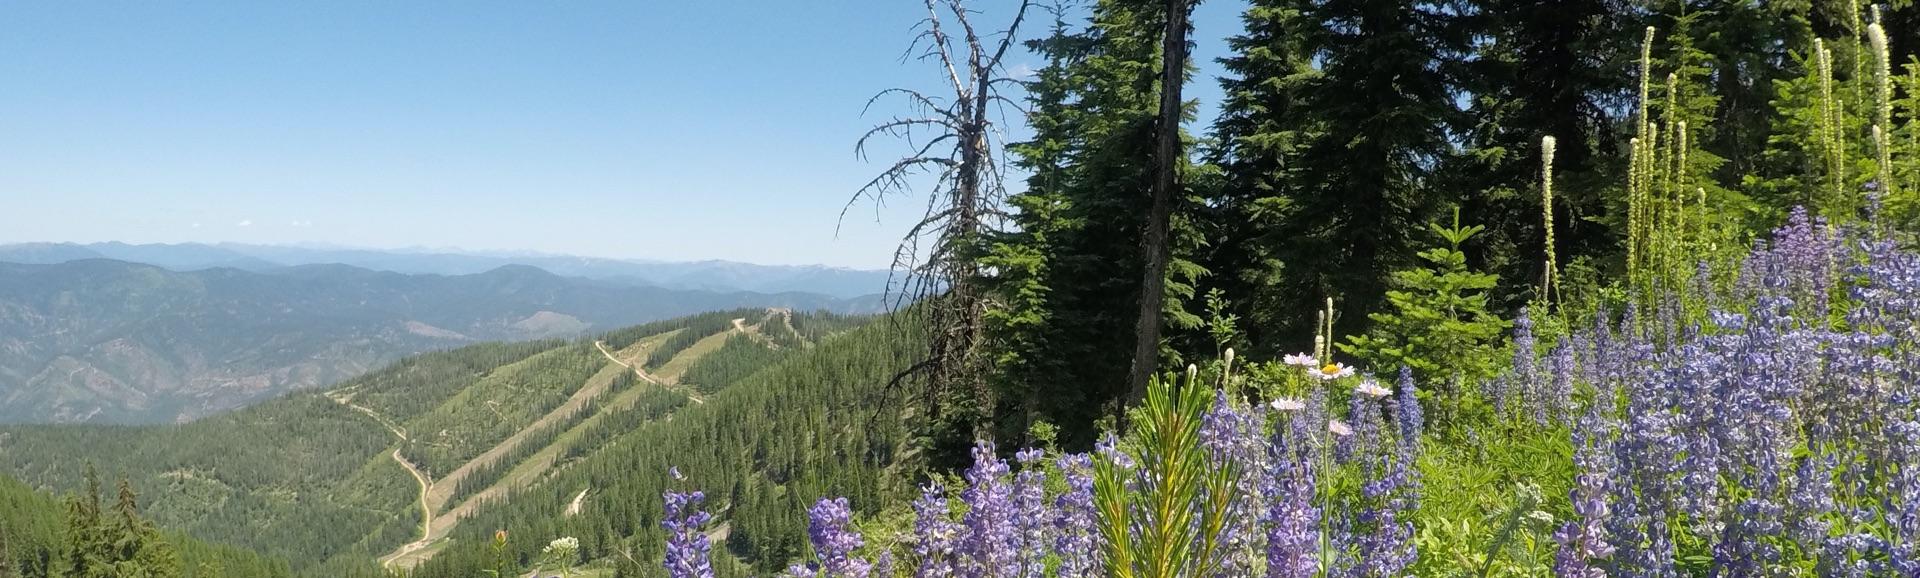 Hiking desktop image